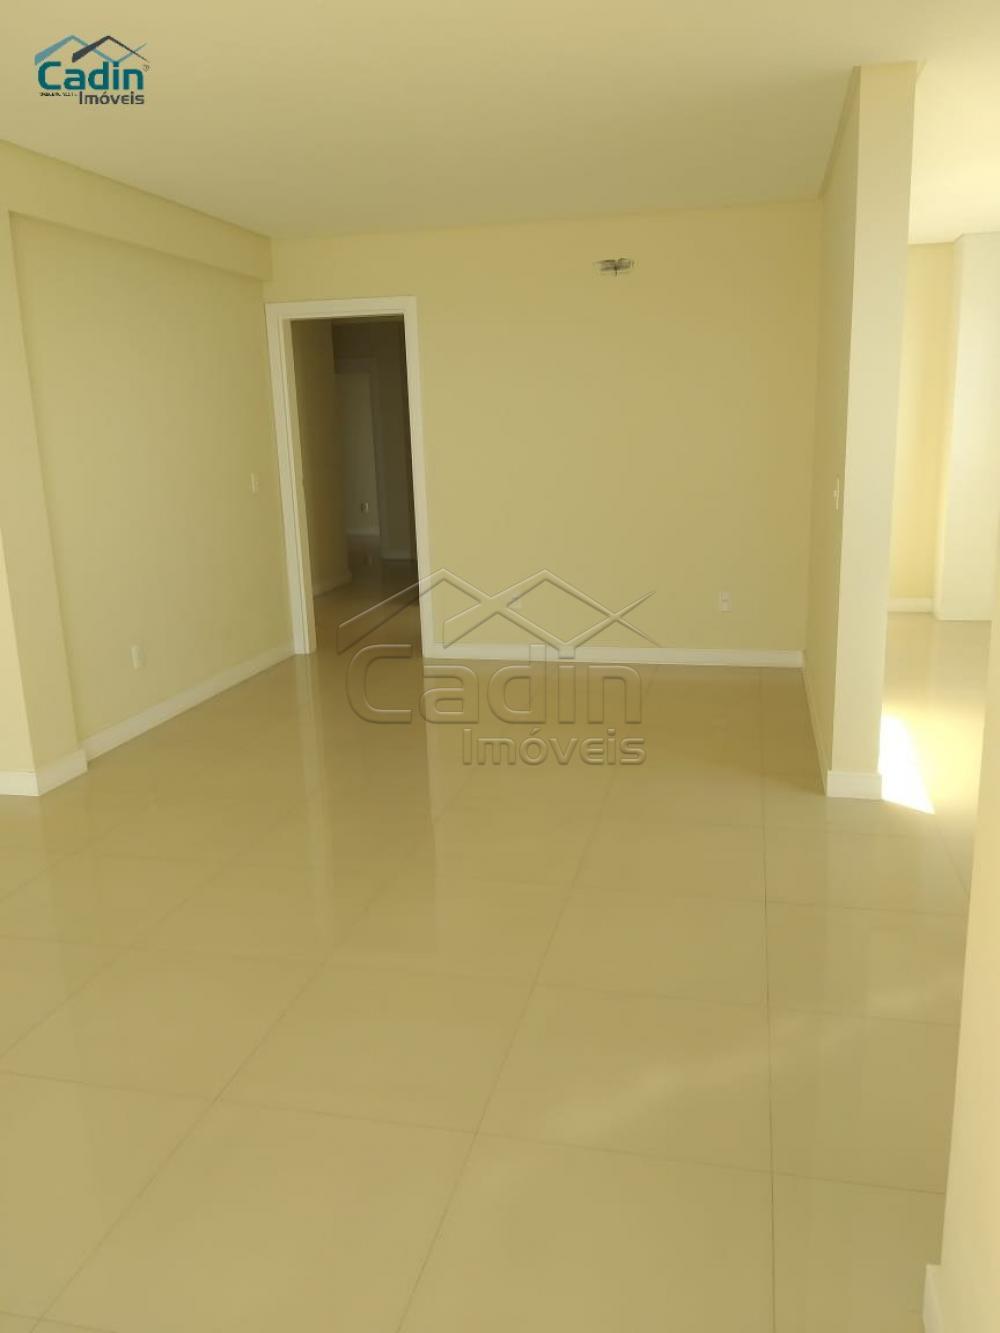 Comprar Apartamento / Cobertura em Navegantes R$ 2.019.000,00 - Foto 43